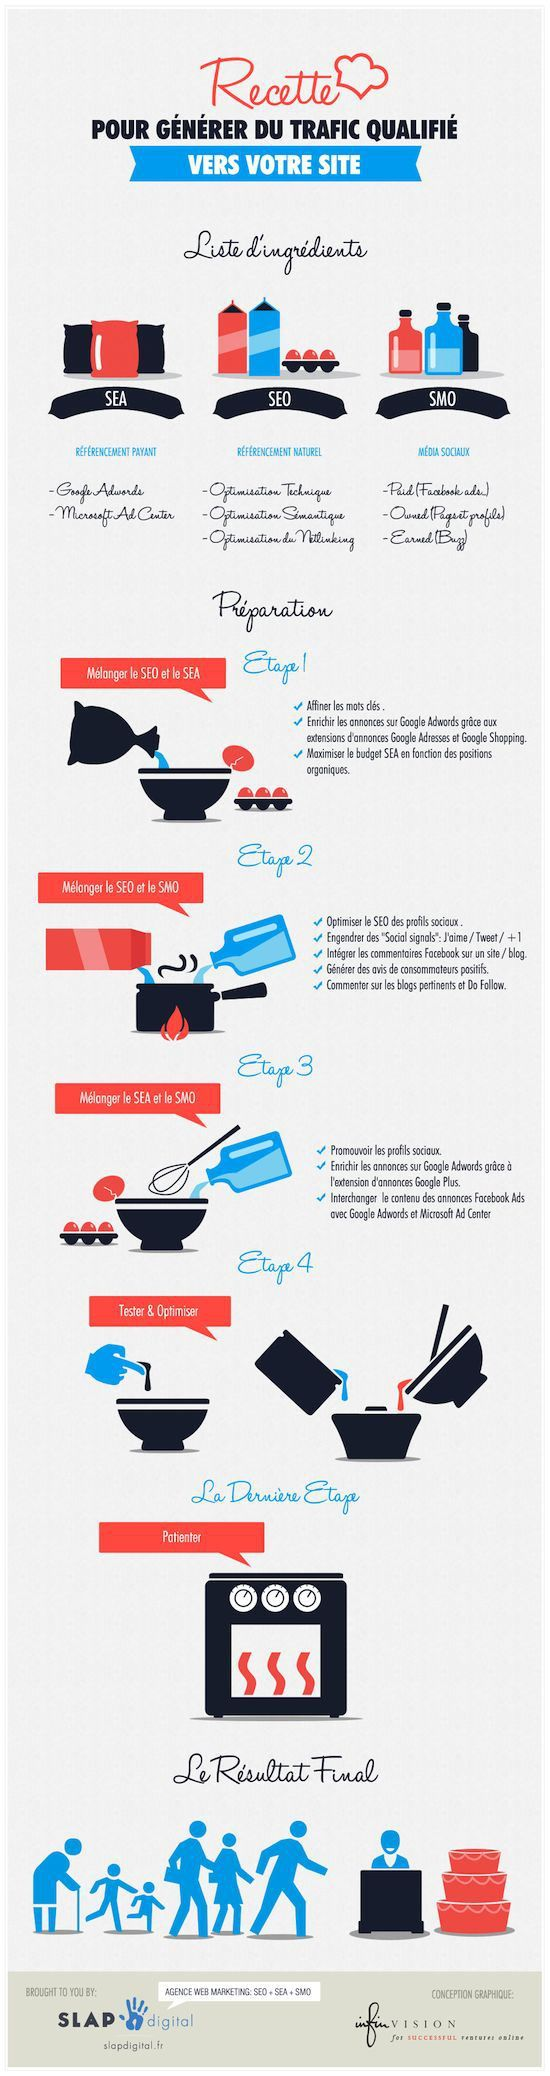 SEO+SEA+SMO : la recette (illustrée) gagnante pour générer du trafic qualifié